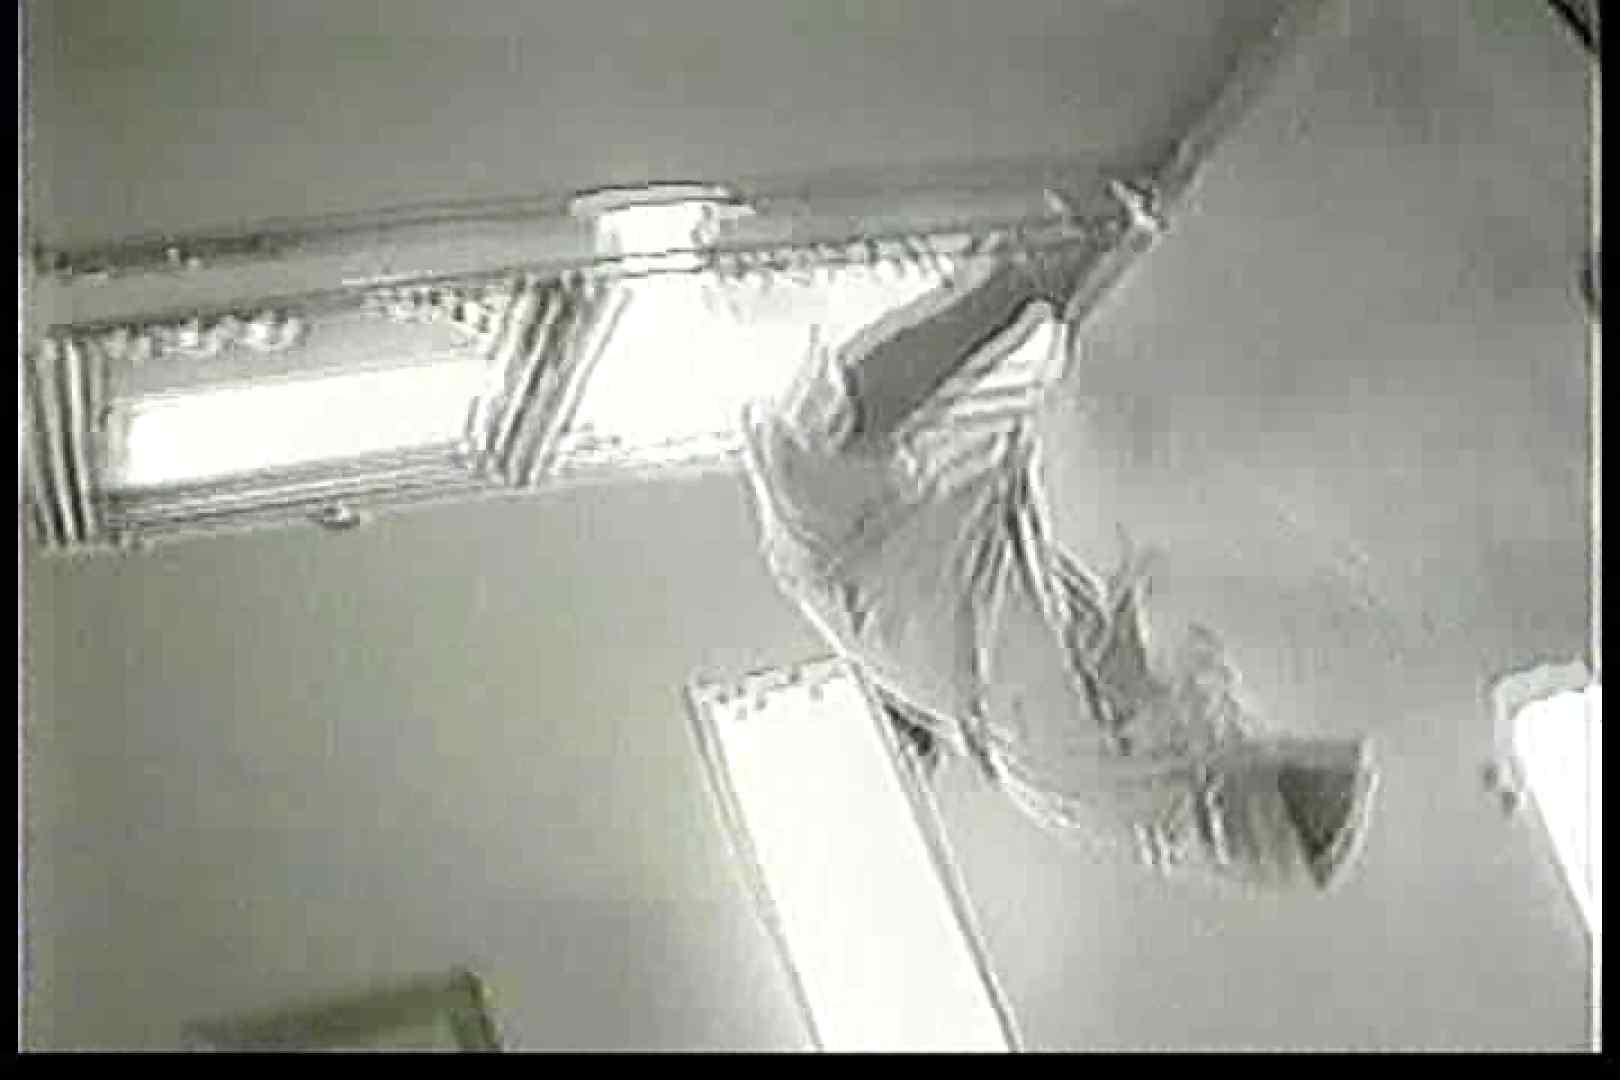 院内密着!看護婦達の下半身事情Vol.2 盗撮 AV動画キャプチャ 105PIX 44